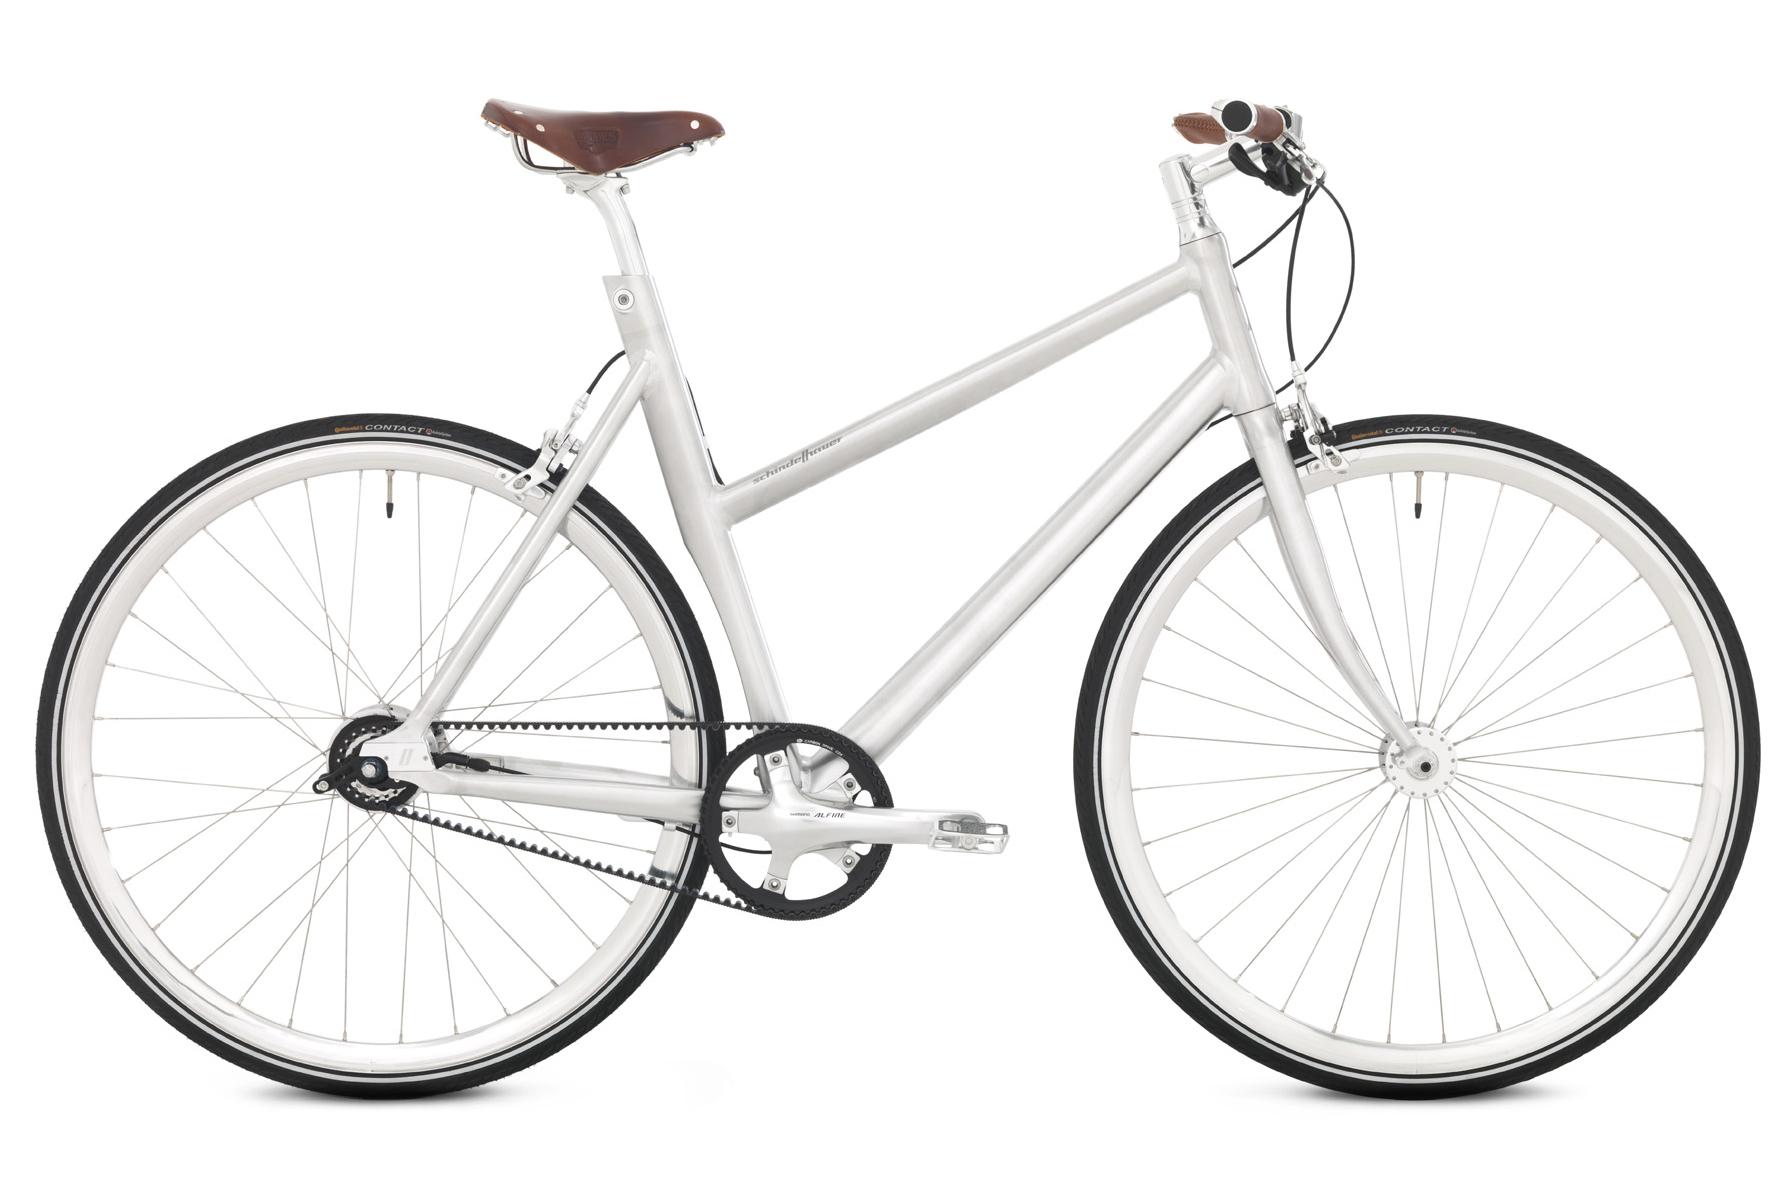 schindelhauer fahrrad lotte 8 gang frauen alu pur beim fahrradfachh ndler kaufen. Black Bedroom Furniture Sets. Home Design Ideas